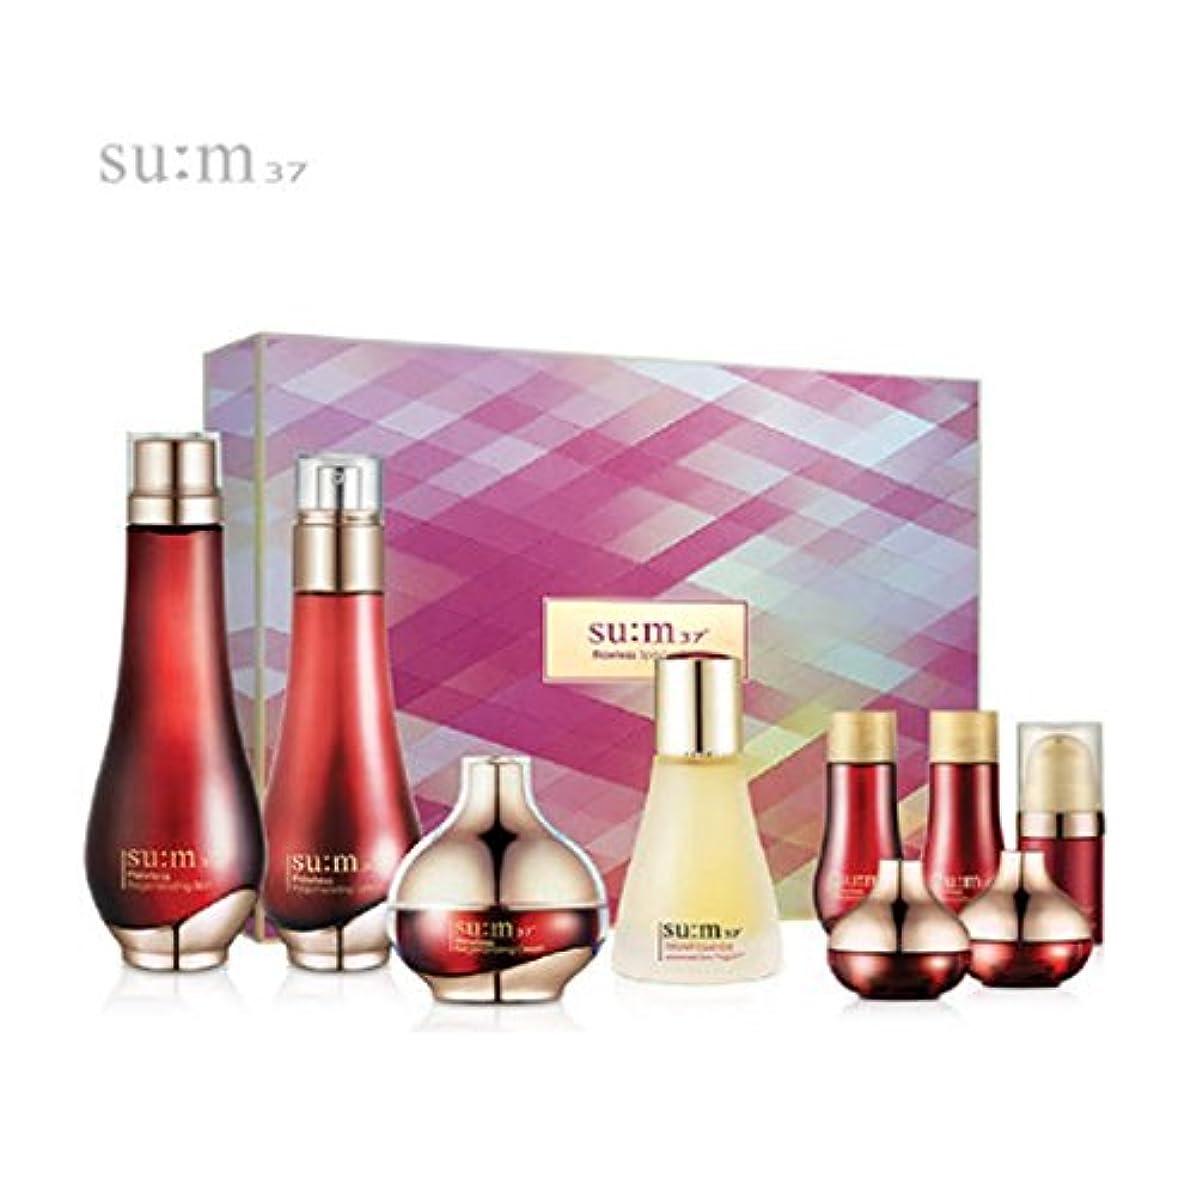 手裏切る指[su:m37/スム37°]Flawless 3pcs Special Limited Skincare Set/フローレス3種のスキンケアセット + [Sample Gift](海外直送品)